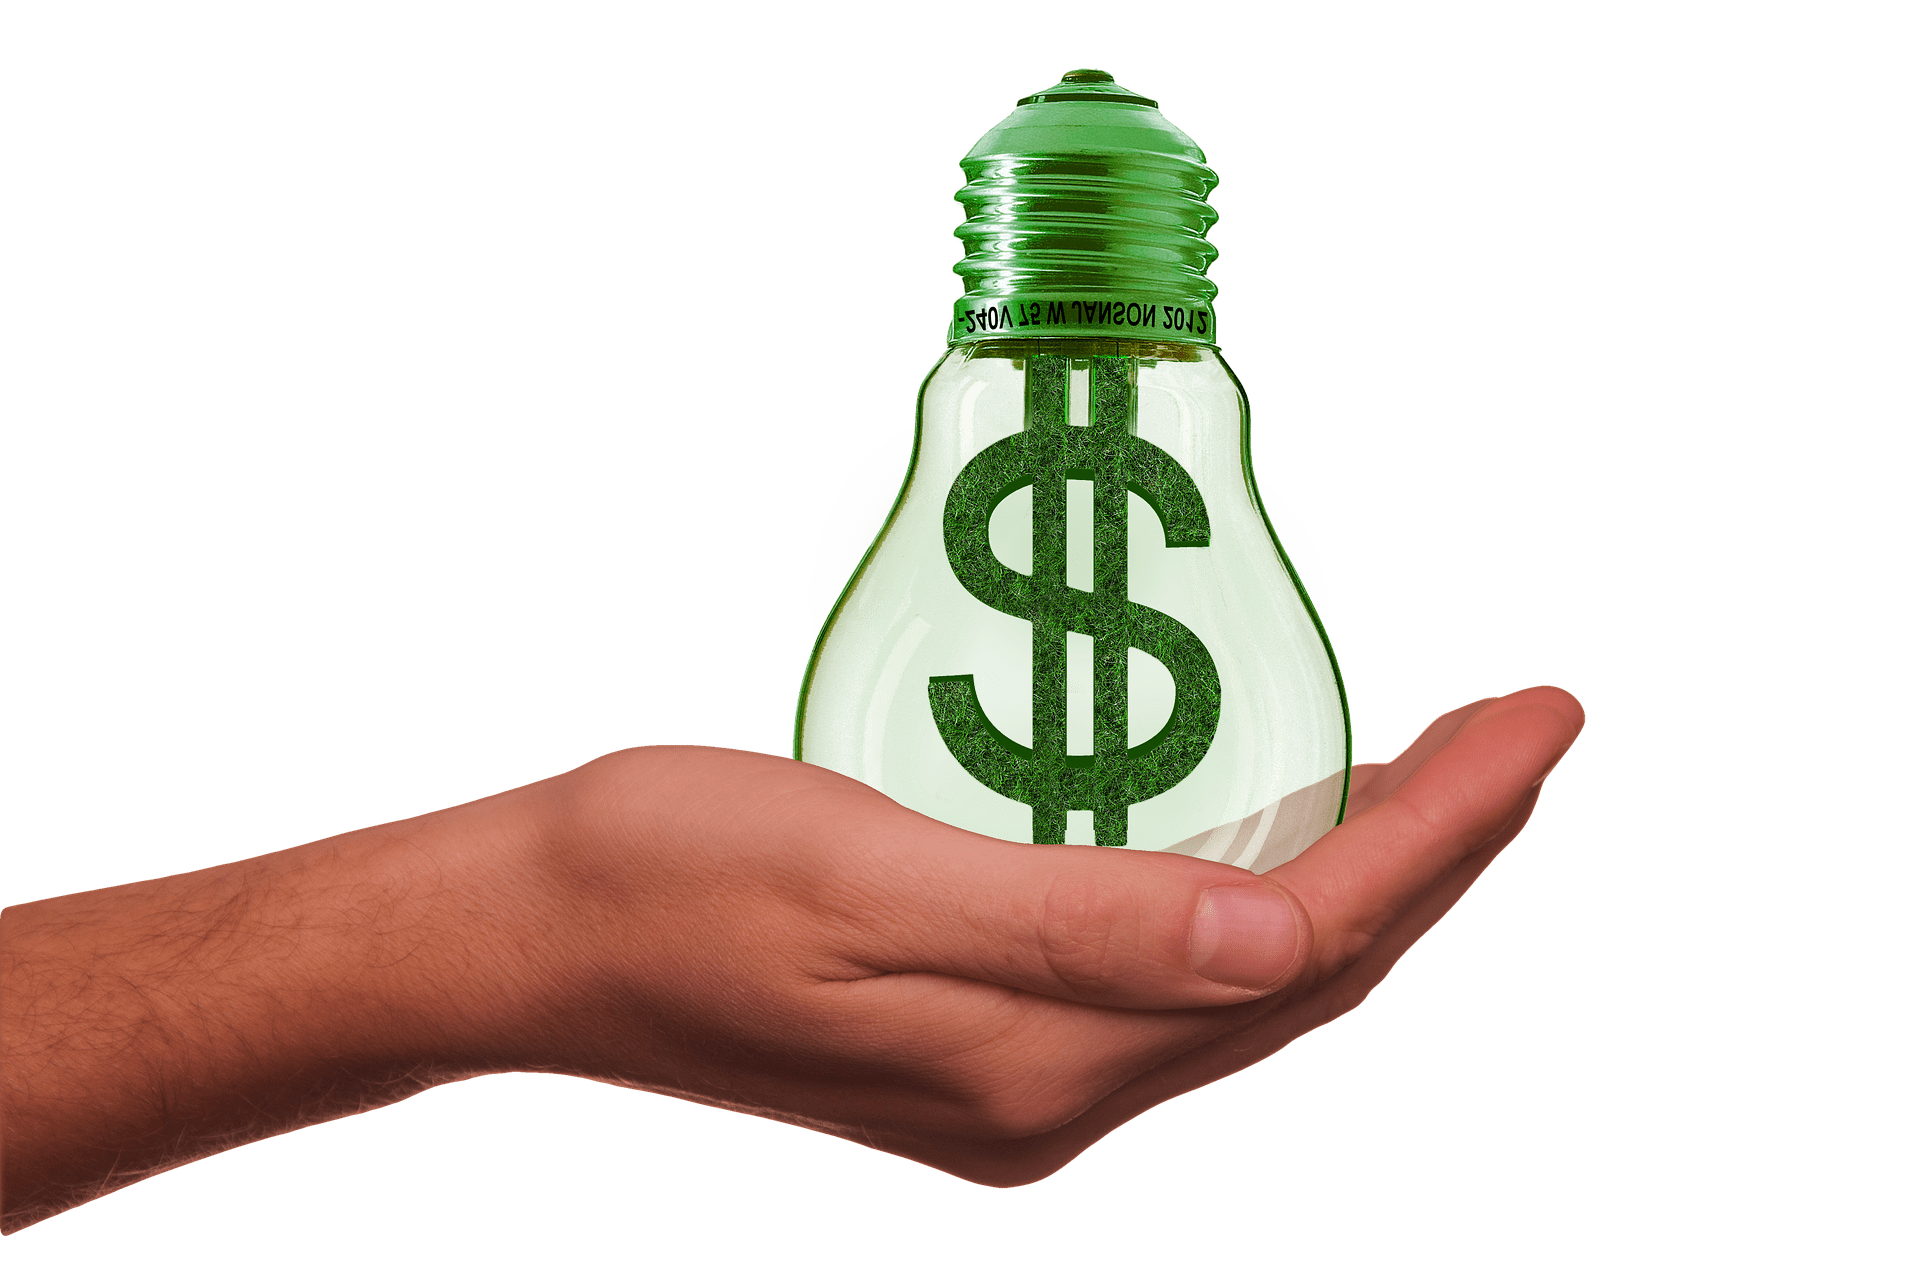 Remboursement des frais de formation et autres frais reliés (Covid-19)